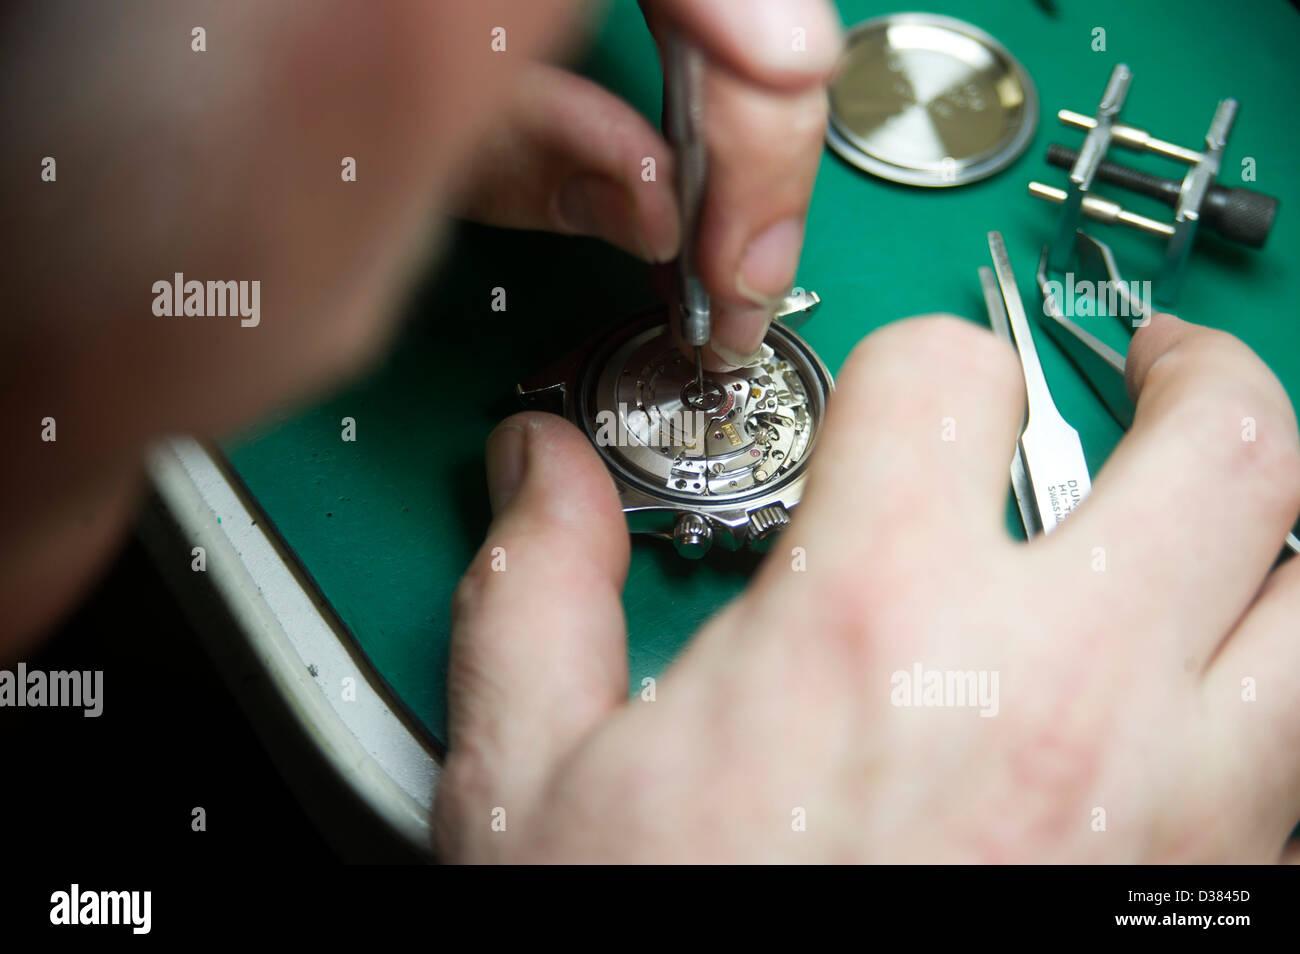 Horology - Stock Image